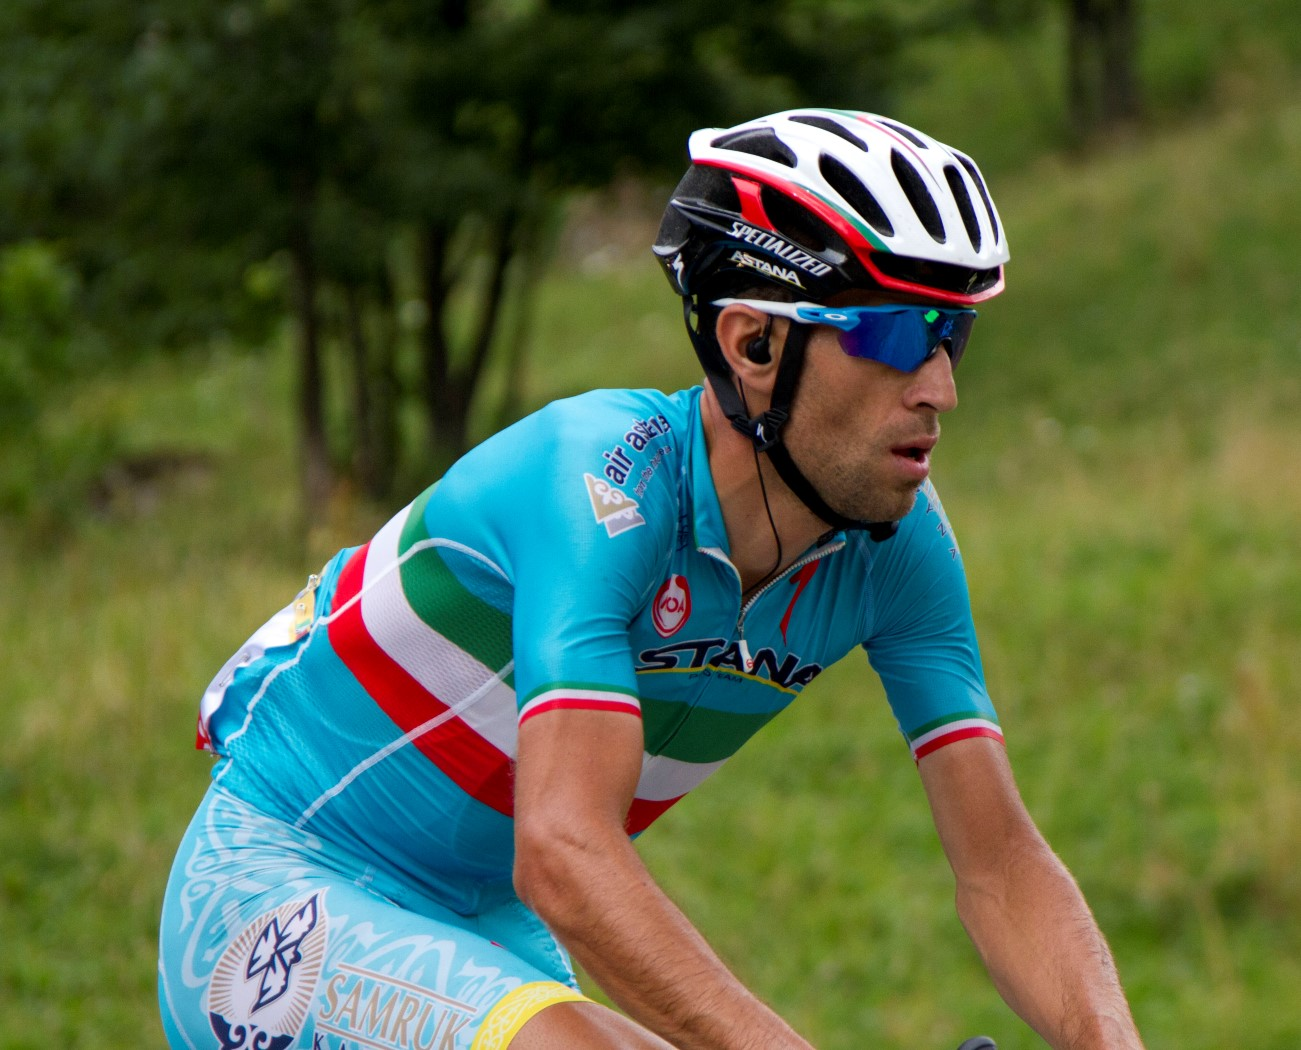 Nibali Vincenzo Tour De France